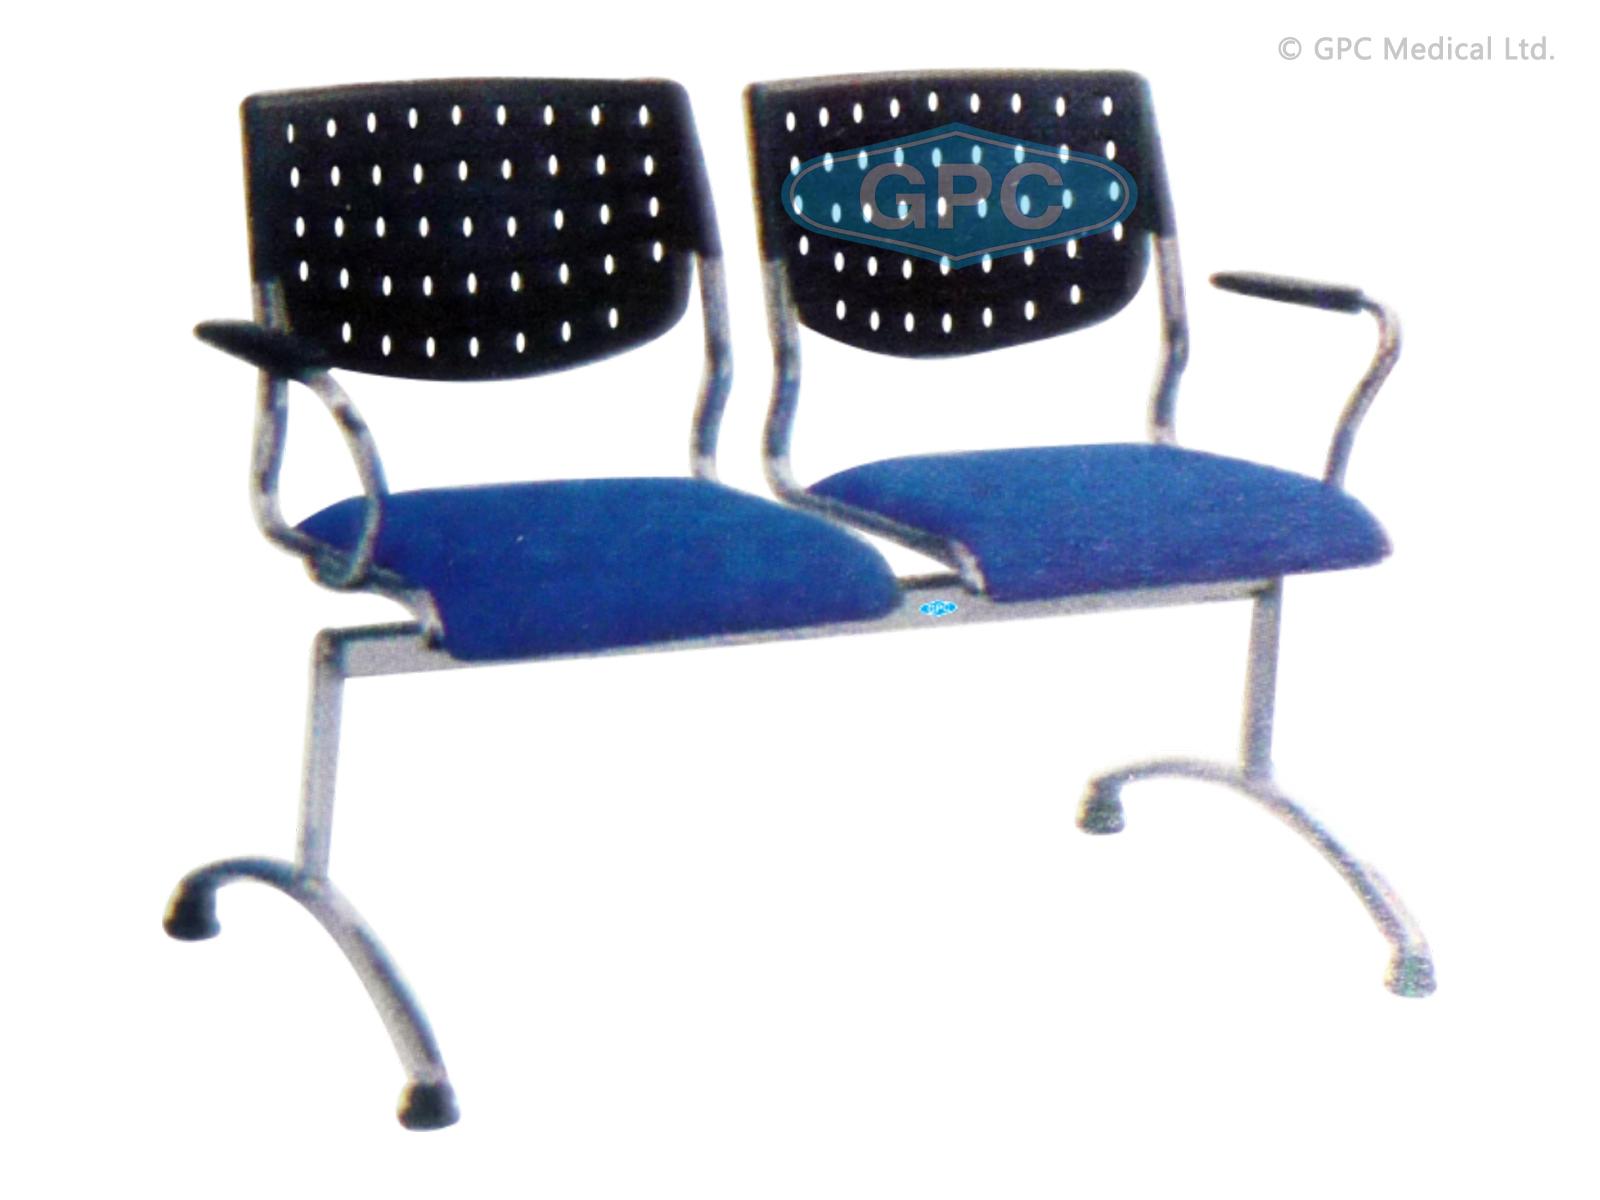 Waiting Chair- Foam Manufacturer   Waiting Chair- Foam